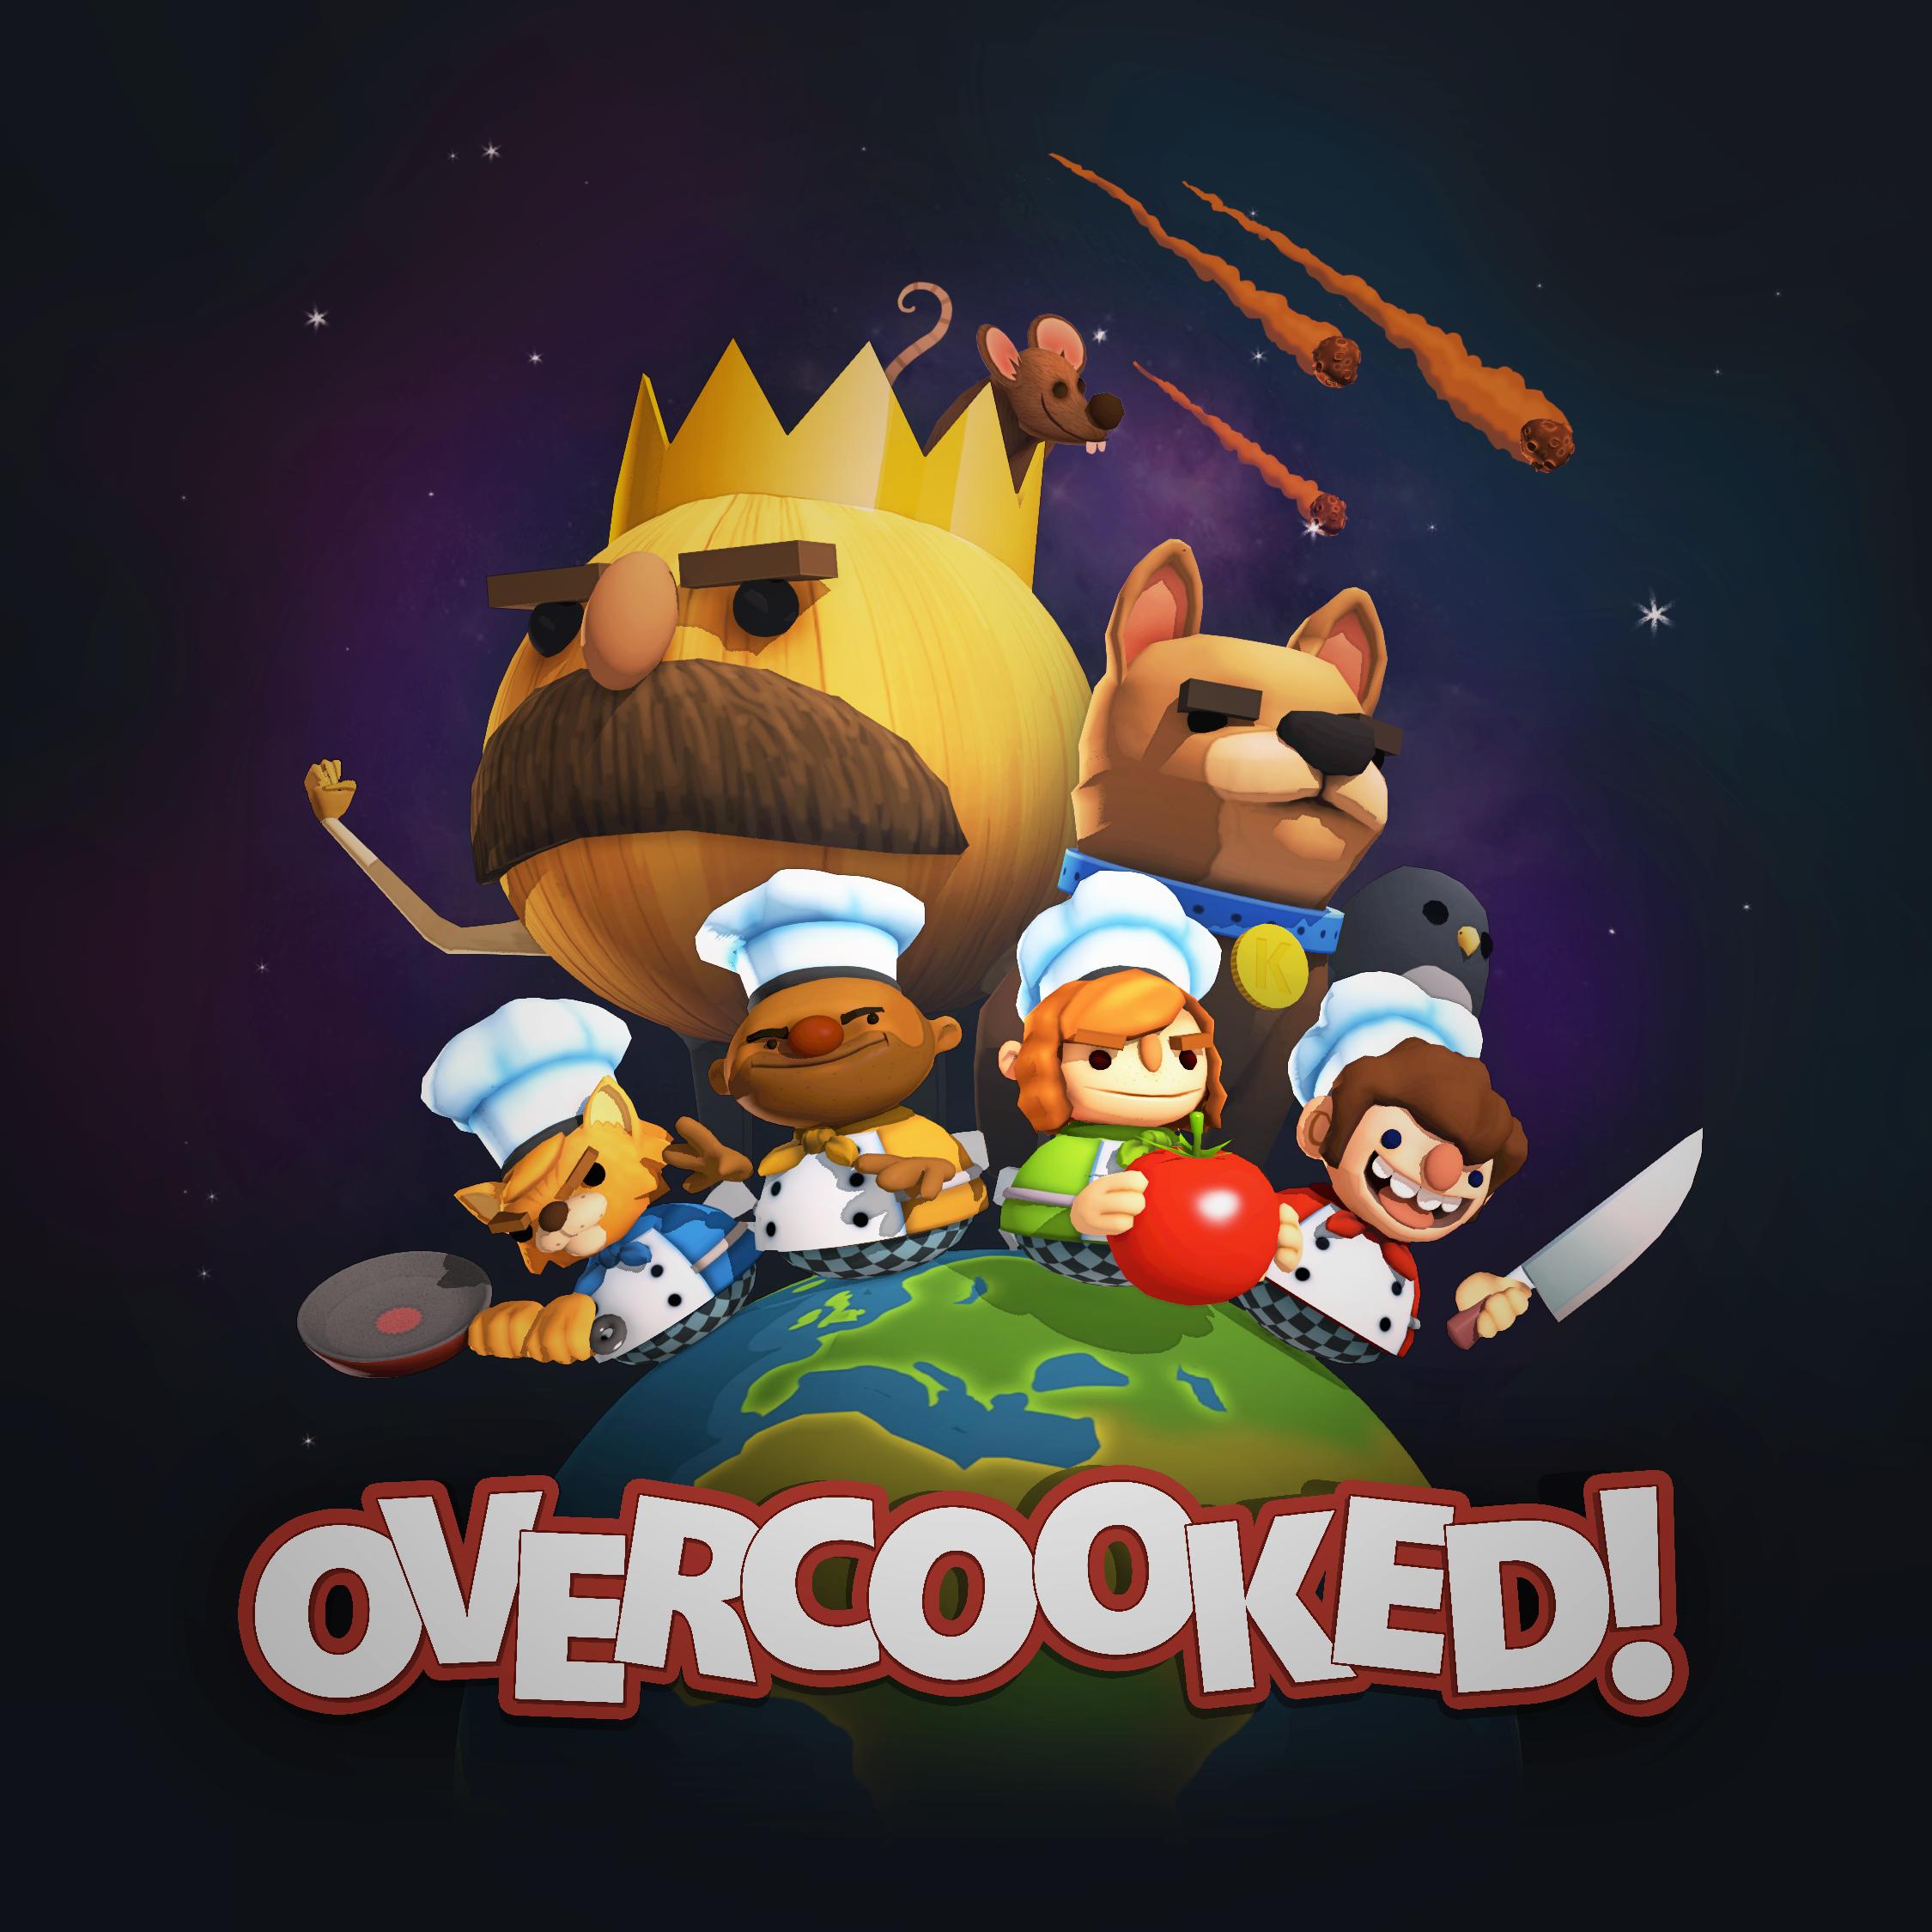 overcooked 000